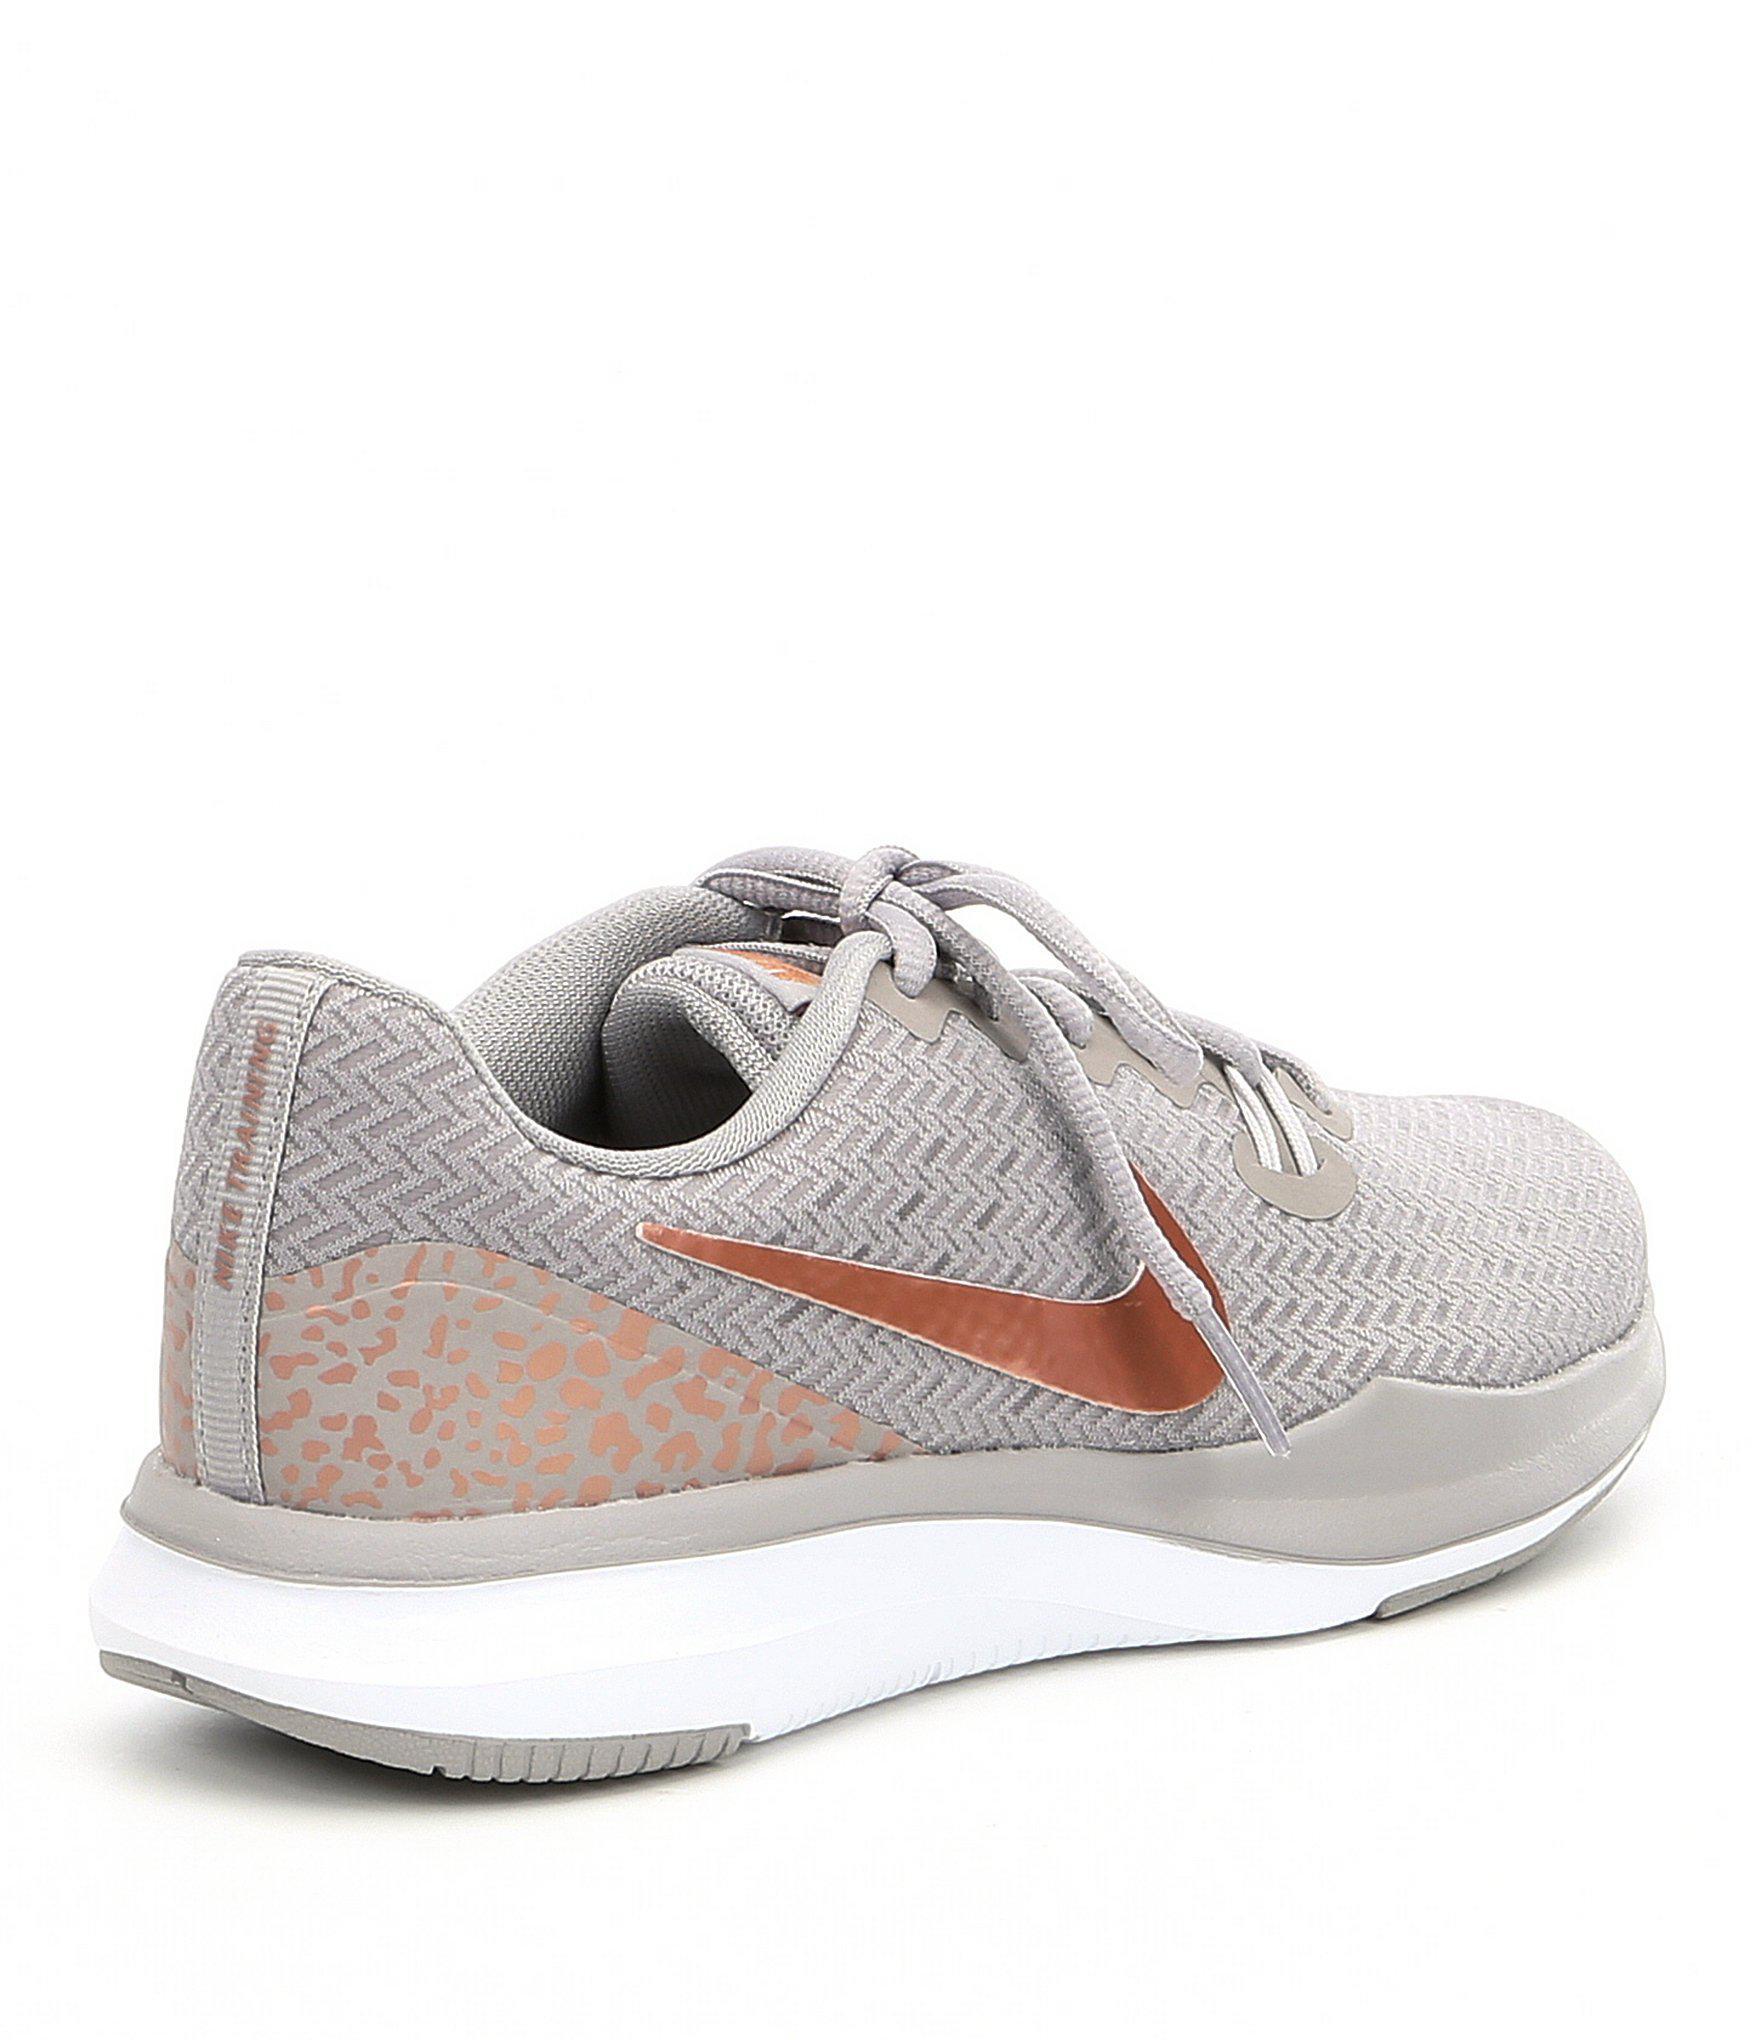 1bed499f29e Lyst - Nike Women s In-season Tr 7 Print Cross Training Shoes in Gray